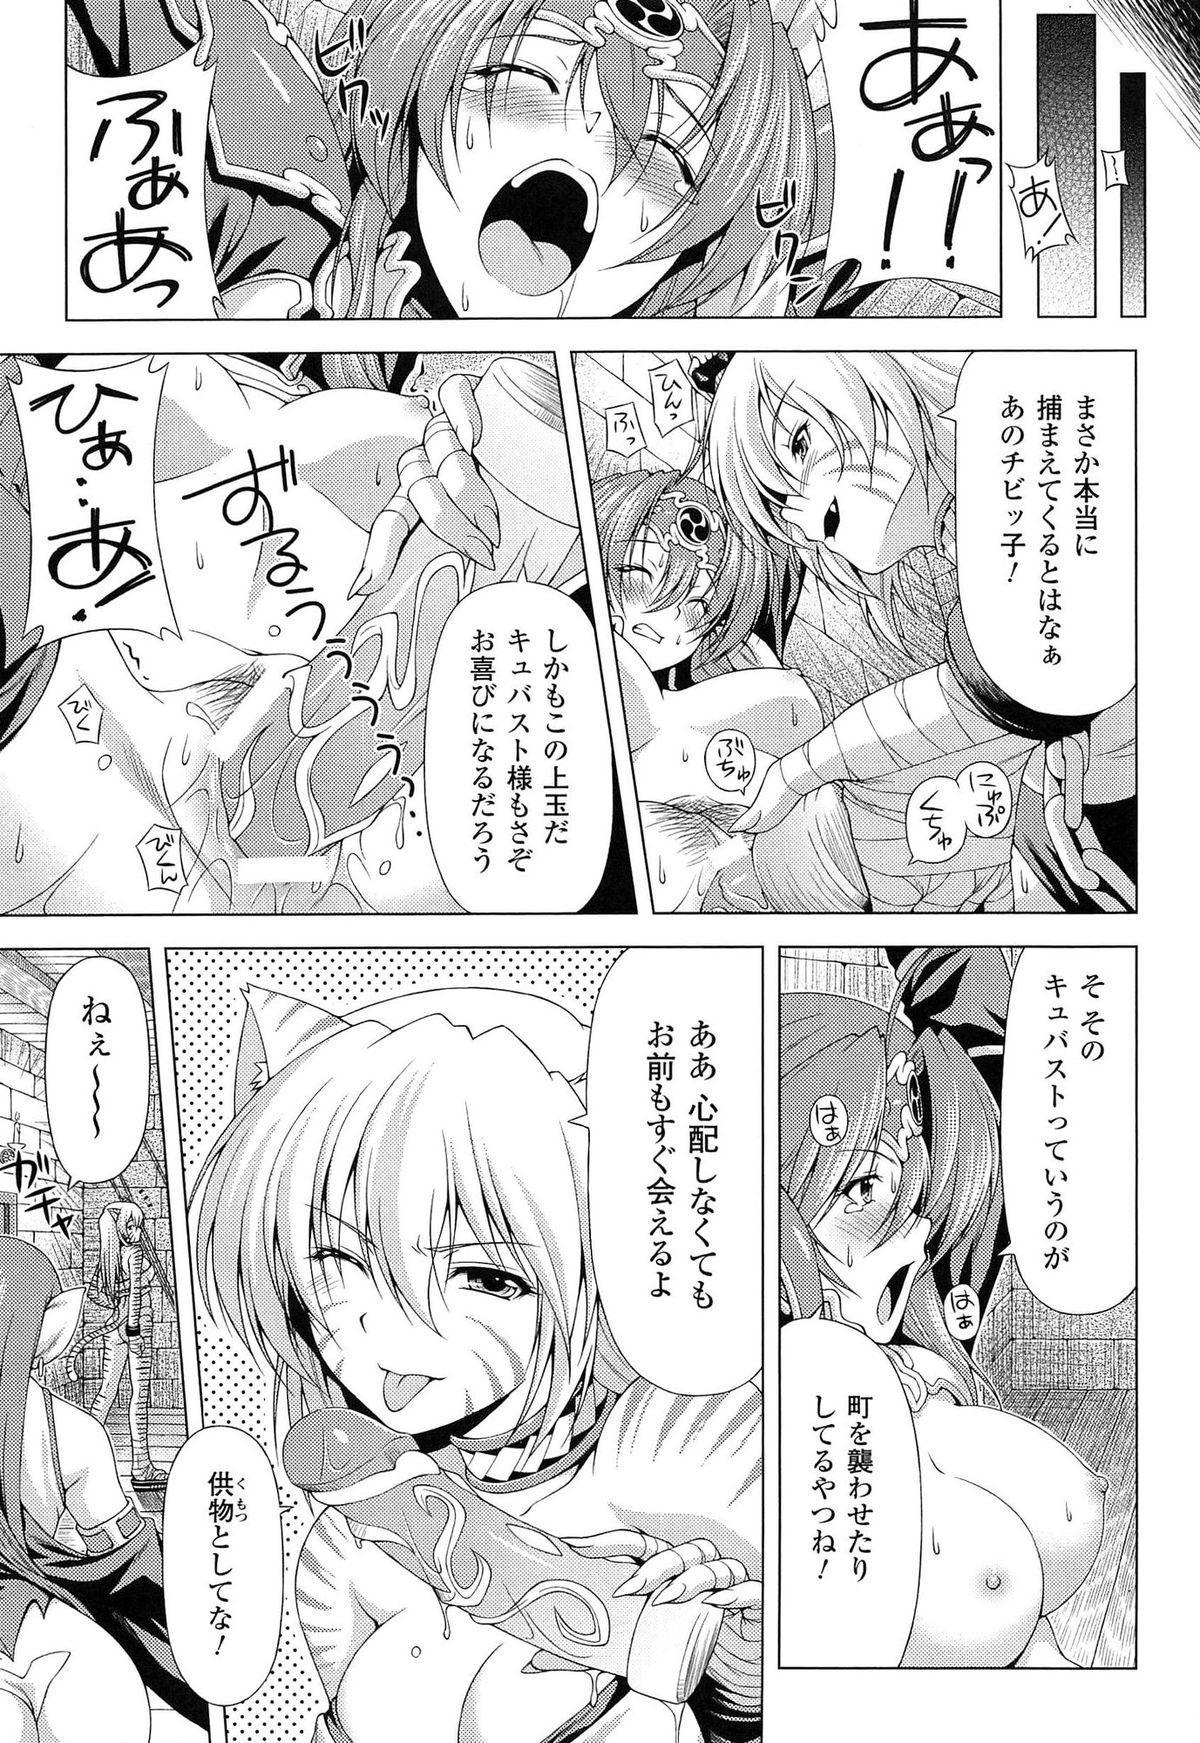 [kazuma muramasa, ZyX] Ikazuchi no Senshi Raidy ~Haja no Raikou~ THE COMIC 14